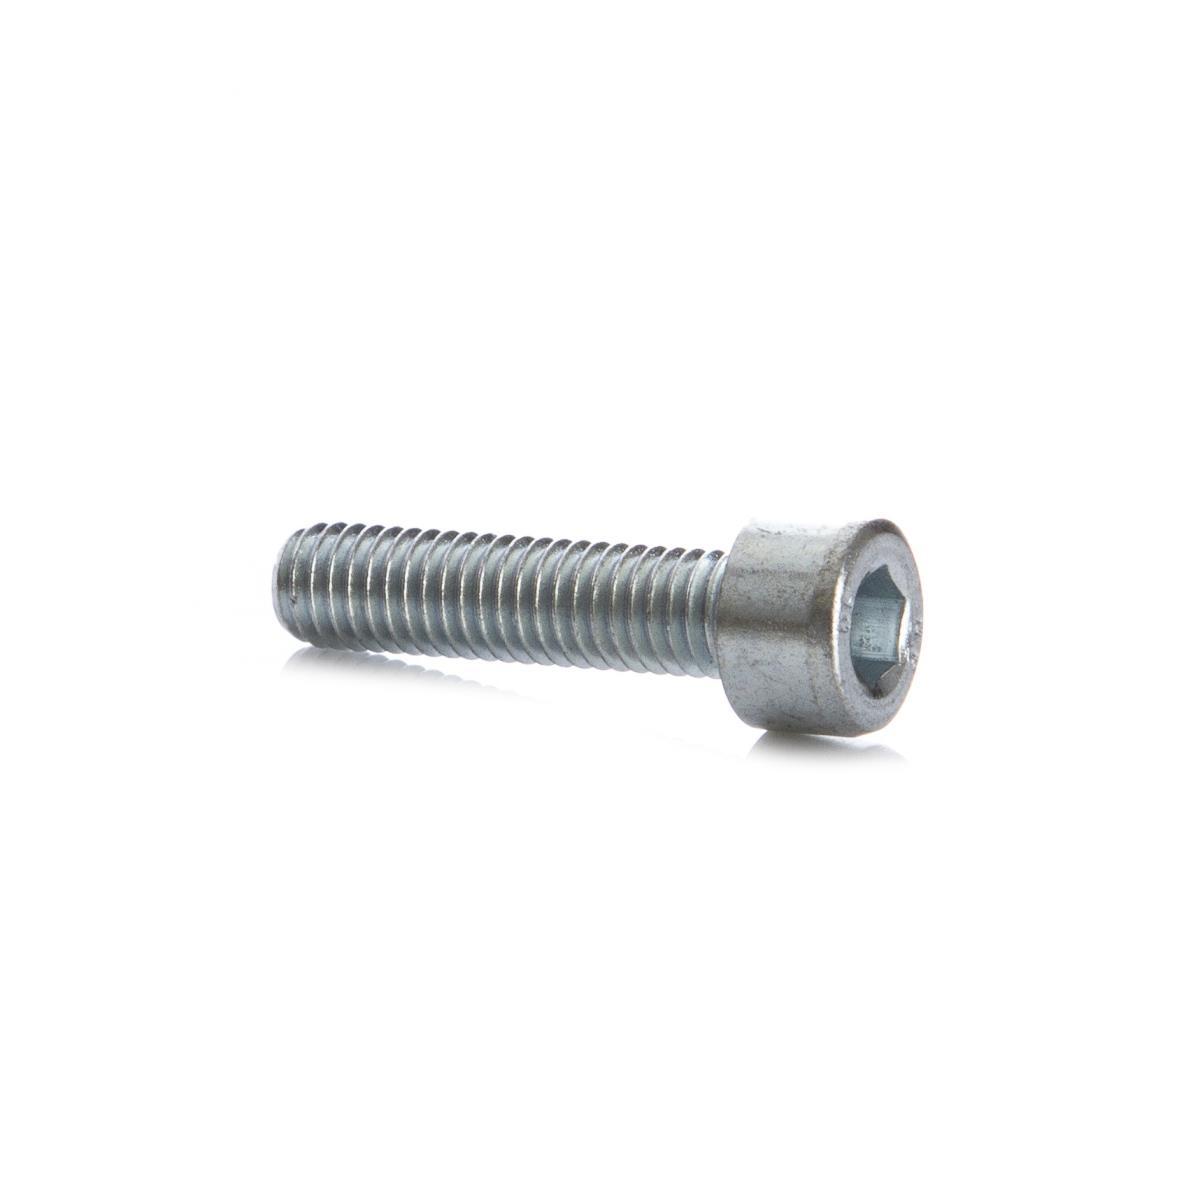 20x Zylinderschrauben Ø M6x30mm DIN912 Innensechskant Zylinderkopfschrauben,Vagner SDH,000051157793, 2000511577938